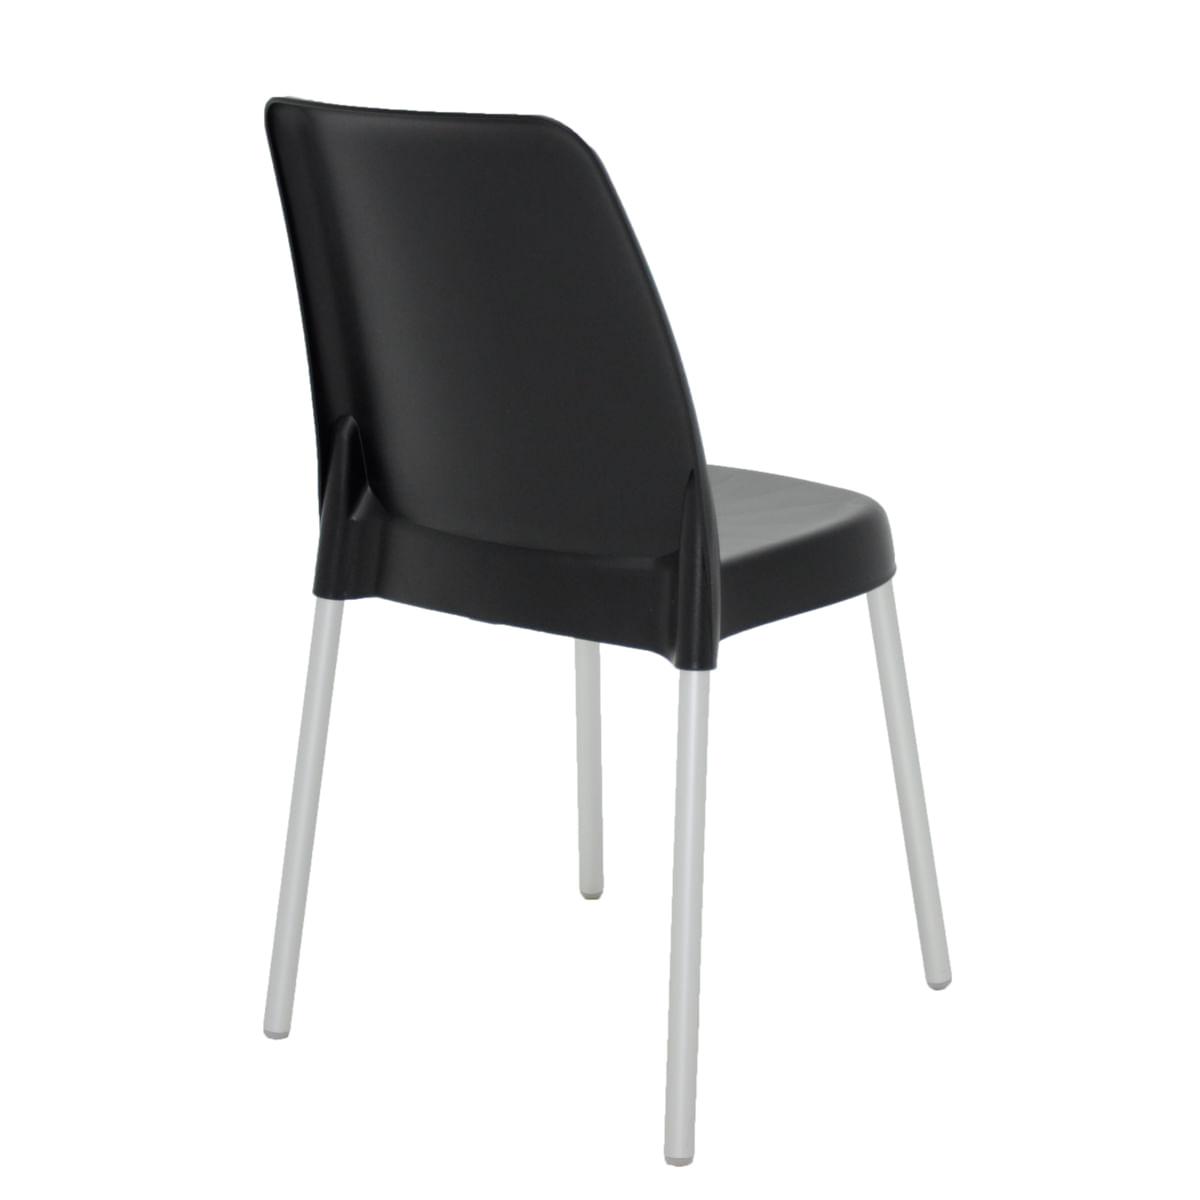 Cadeira Tramontina Vanda Preta em Polipropileno com Pernas em Alumínio